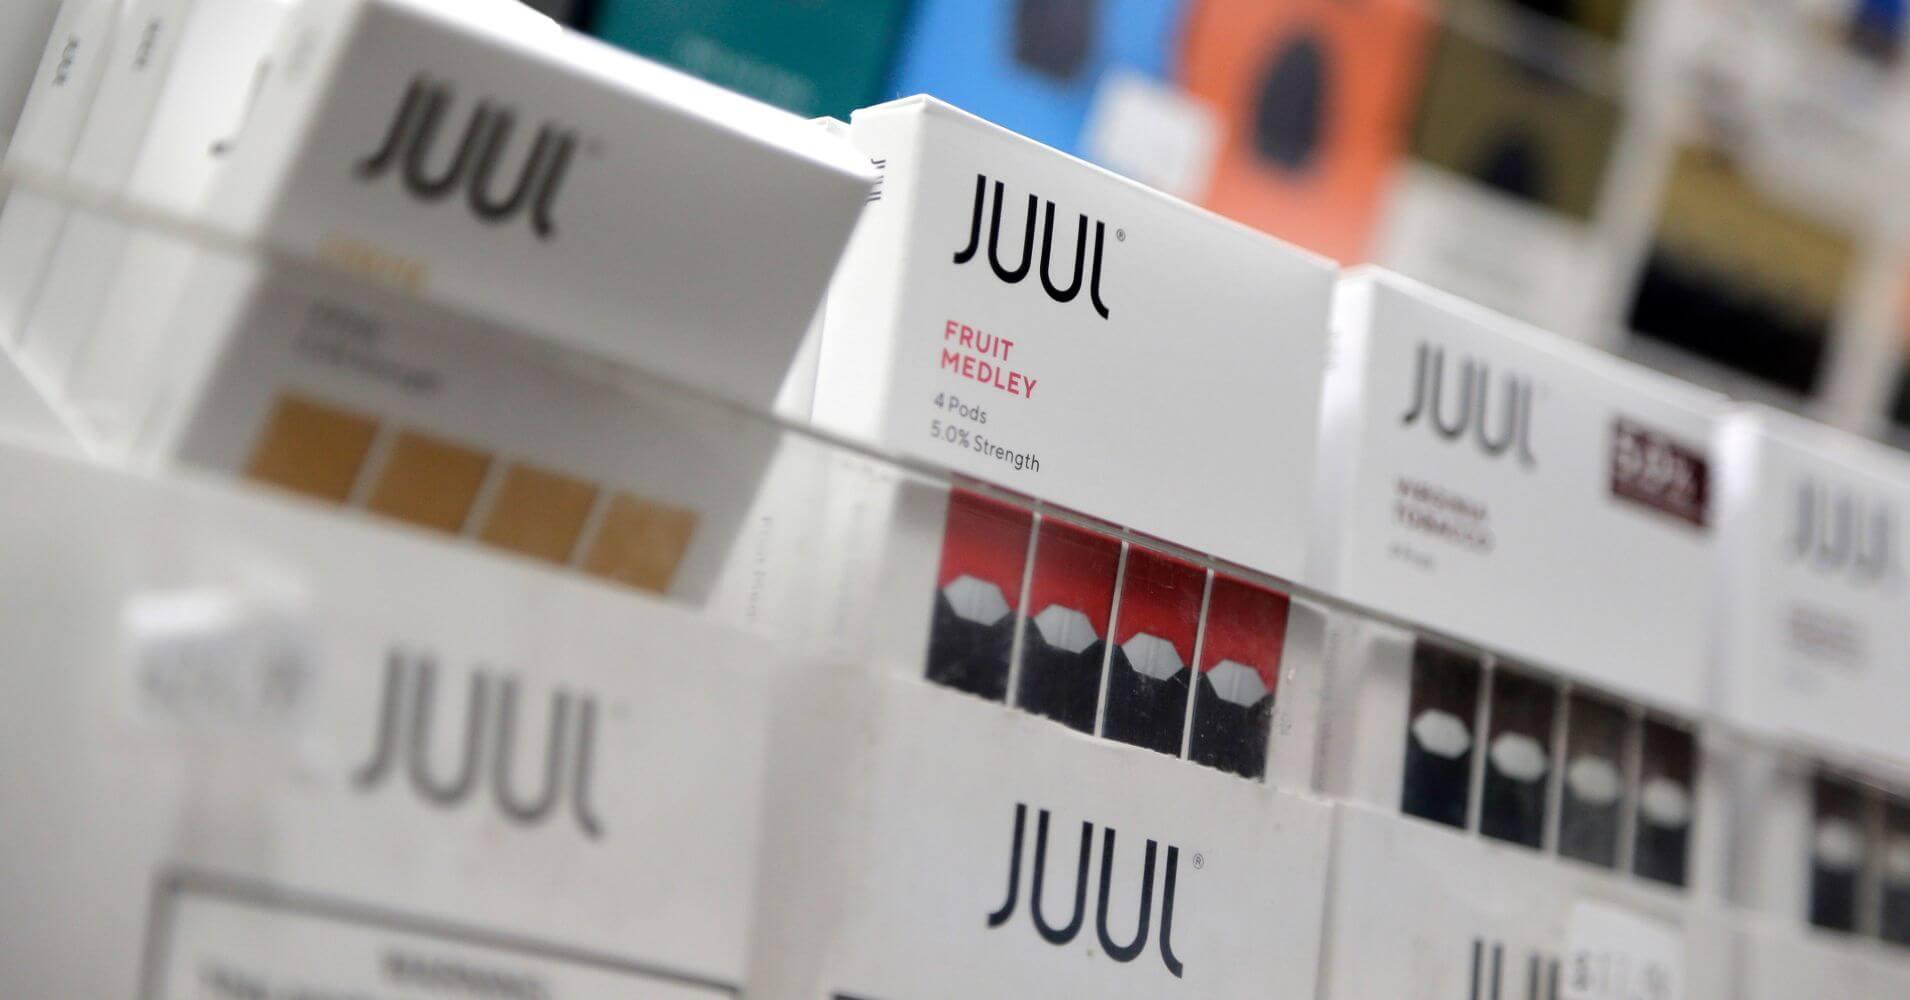 Altria investment in Juul worries investors